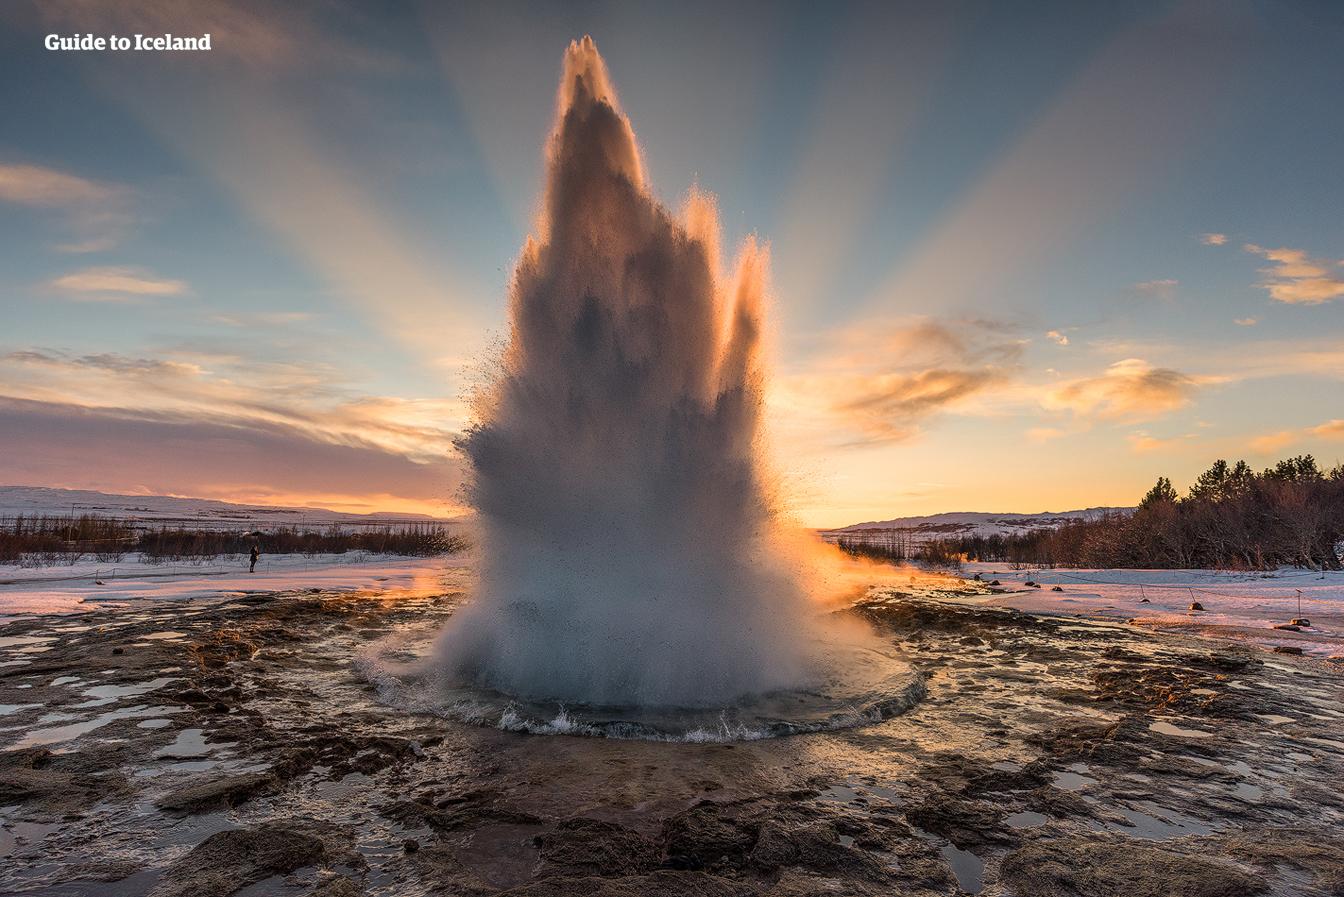 La zone géothermique de Geysir fait partie du Cercle d'Or